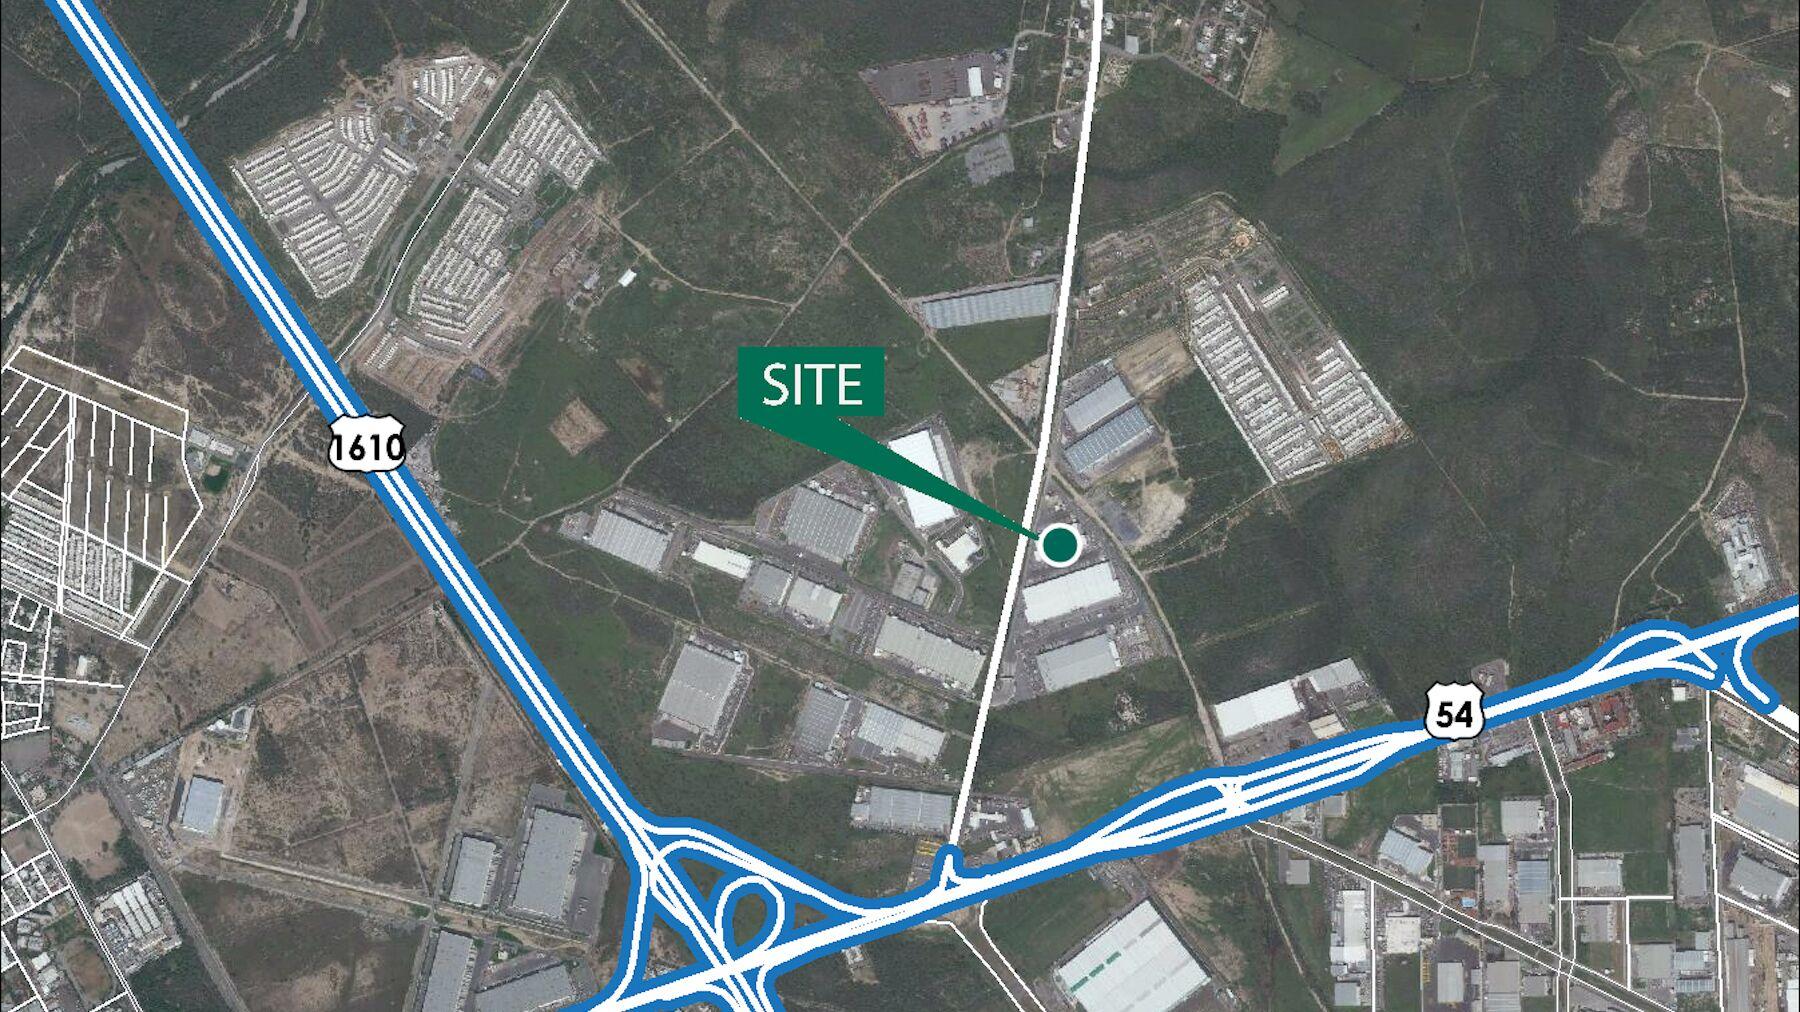 DPM-Agua-Fria-1-Flyer-Property-Aerial-3-25x4-49.jpg